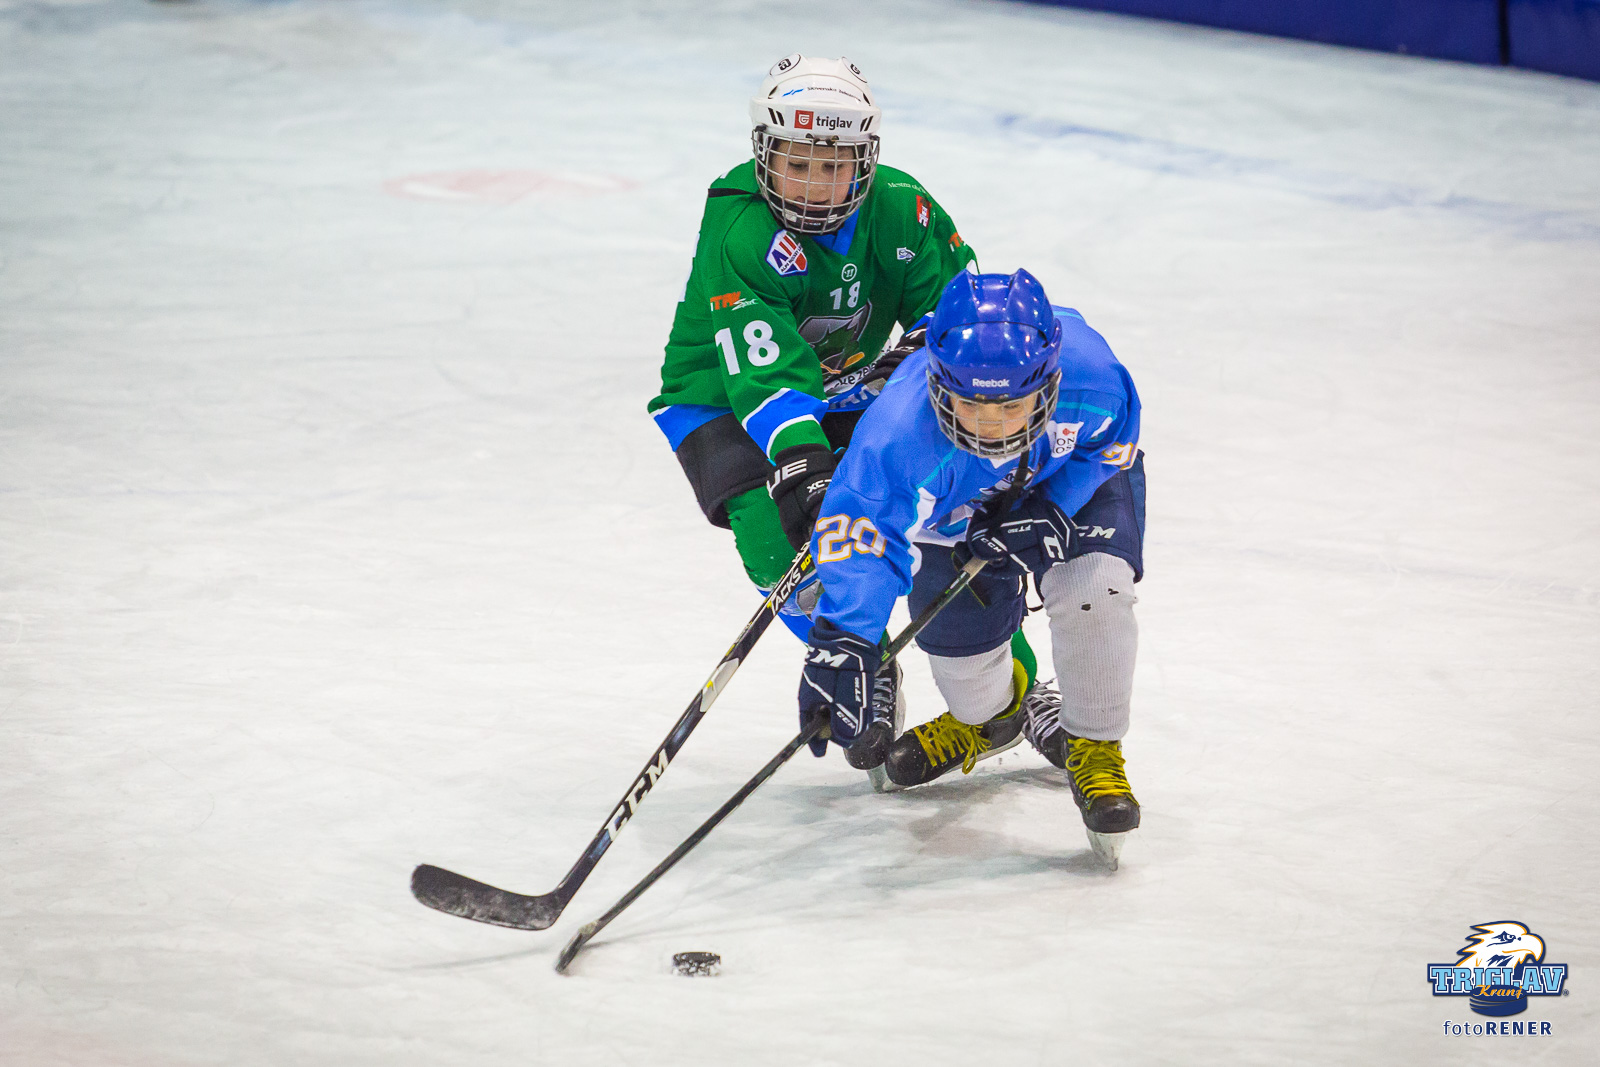 Turnir malčkov, Maribor, 10. 2. 2019